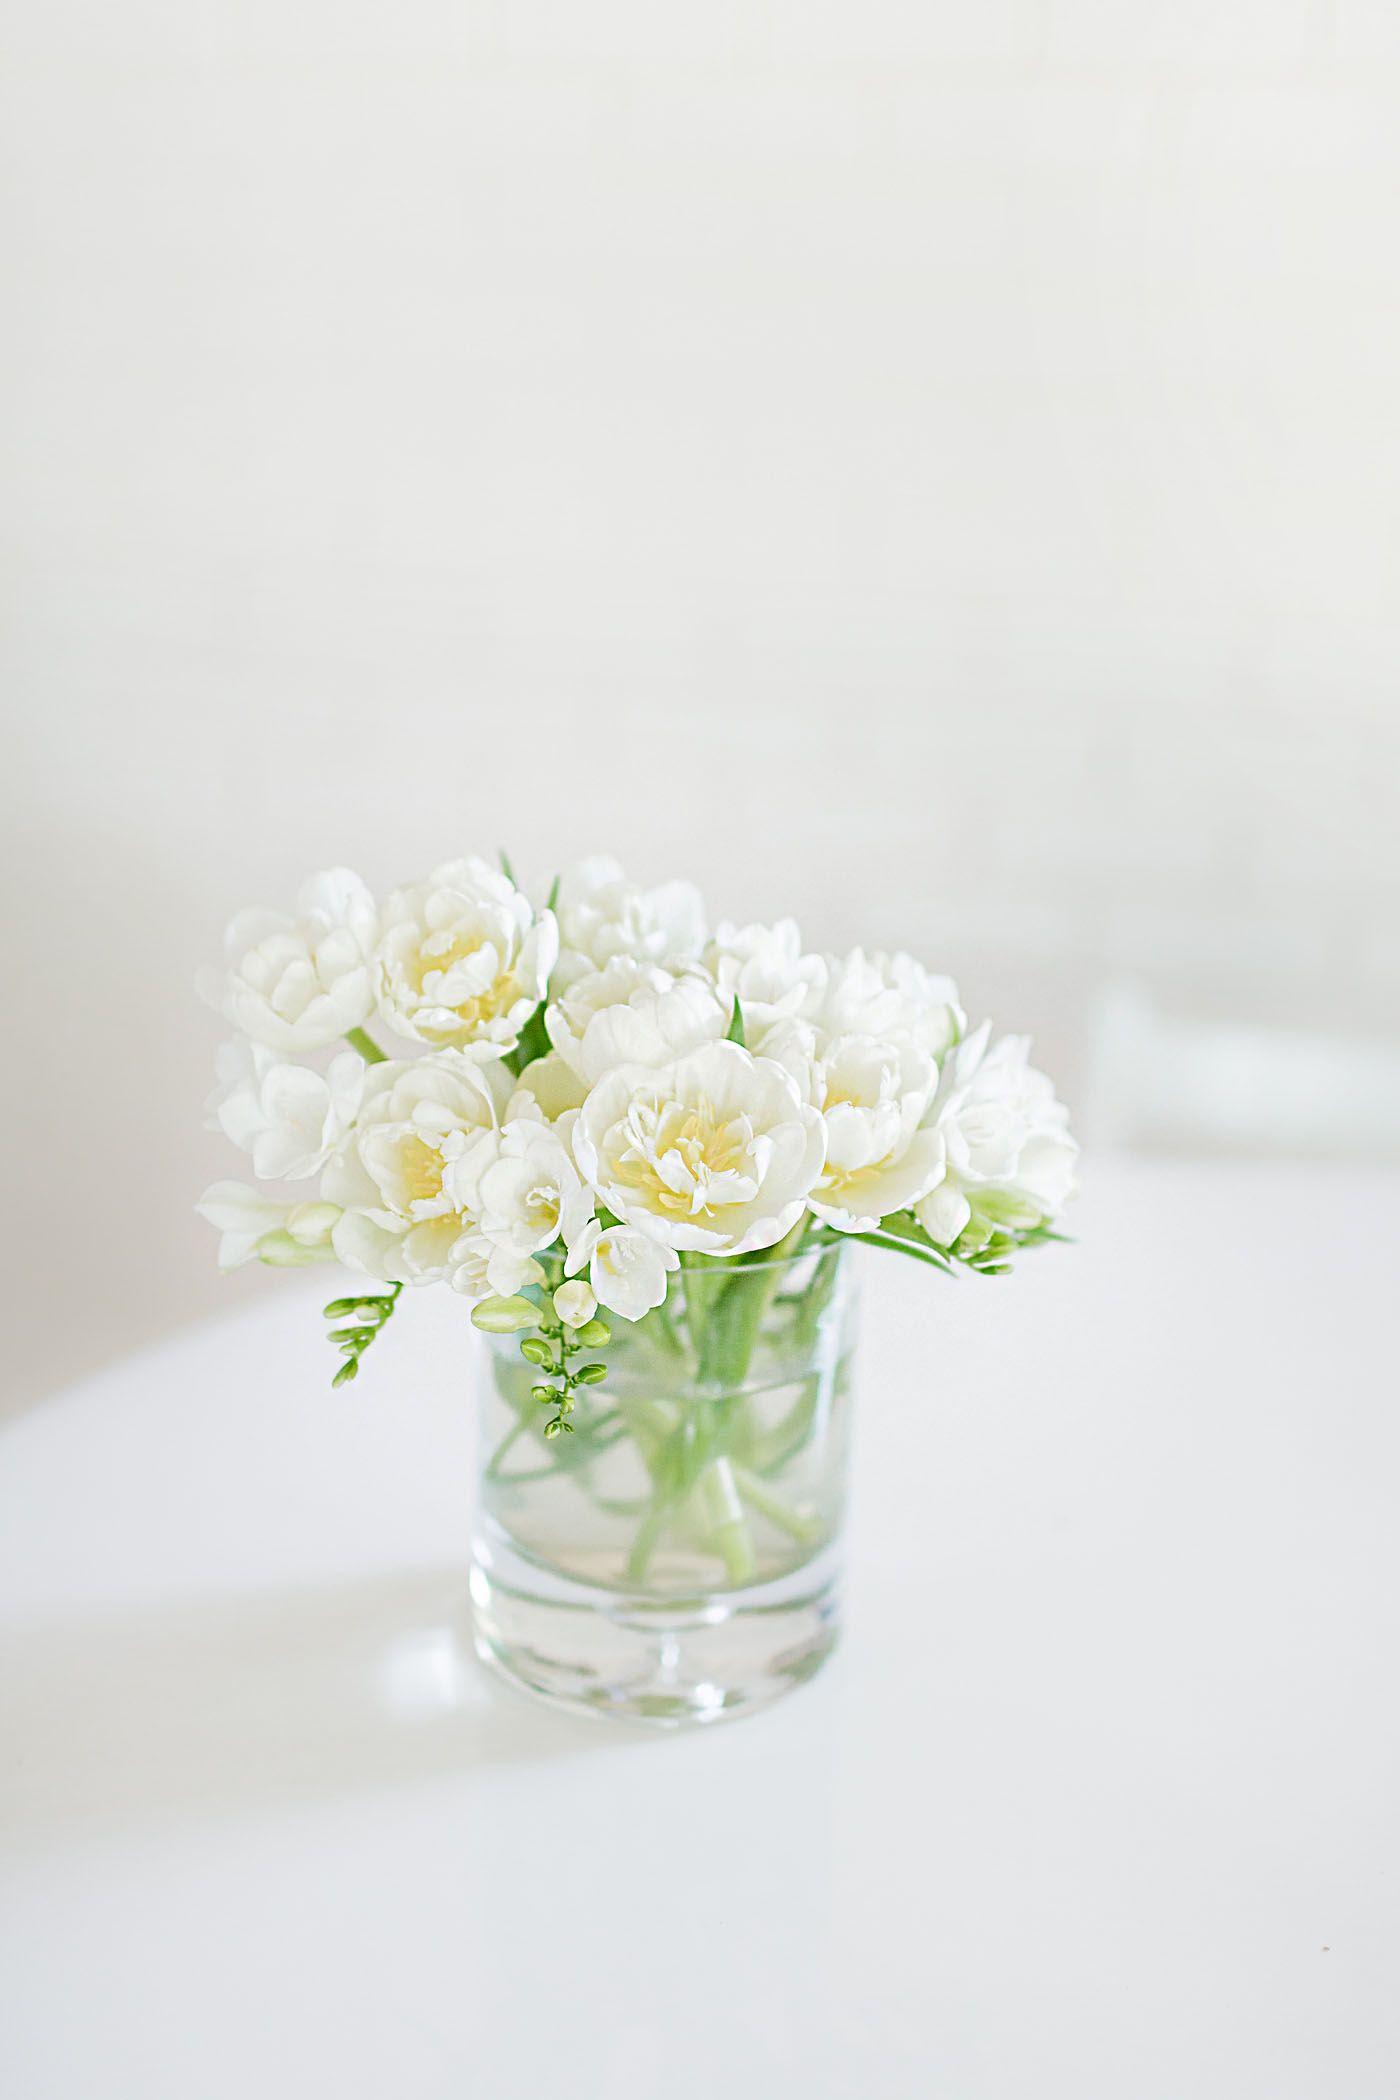 White Freesia In A Vase Life Floral Garden Pinterest